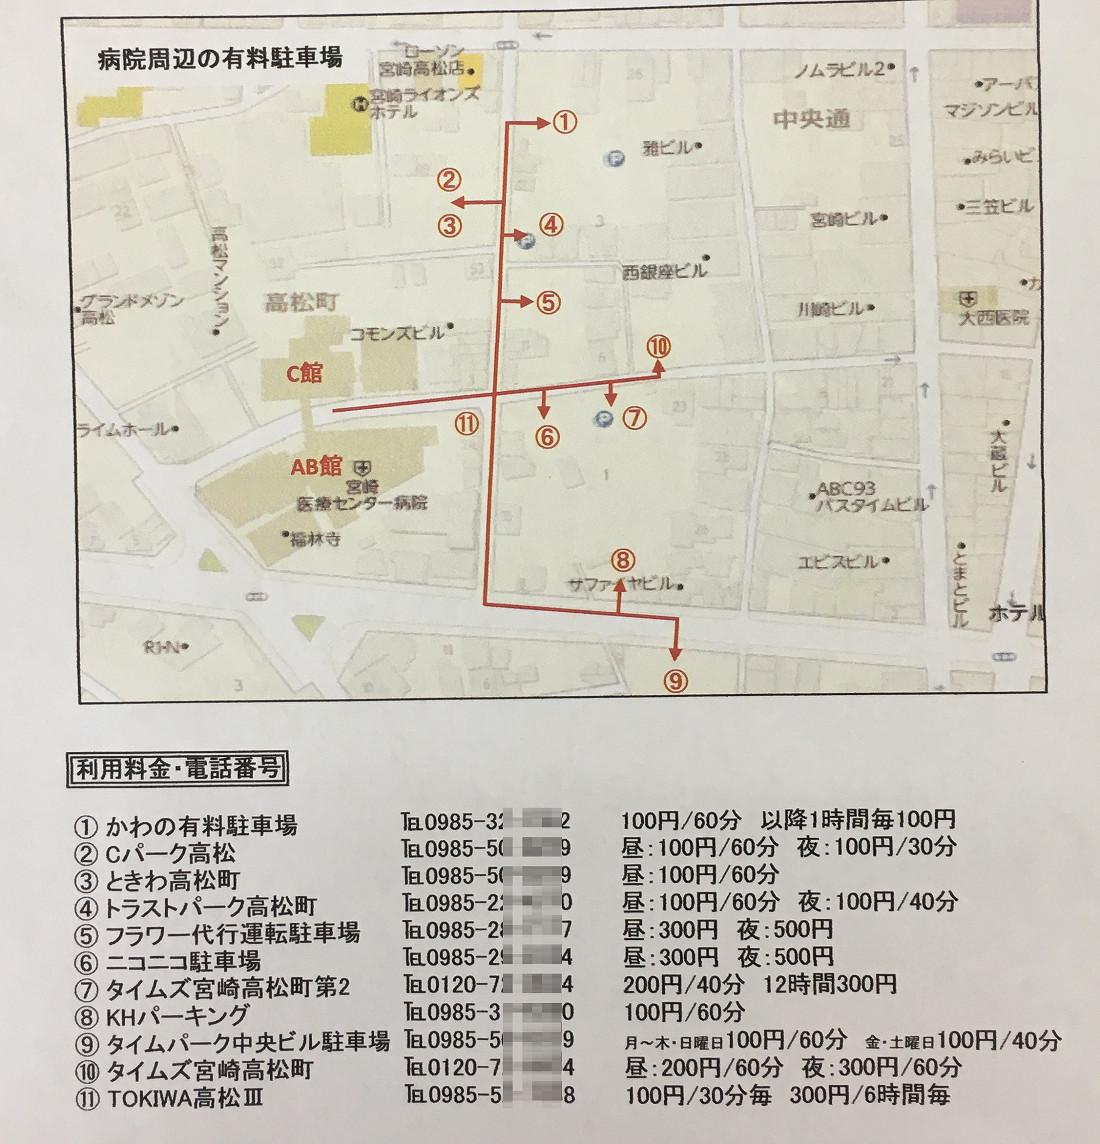 宮崎医療センター周辺の時間貸し駐車場